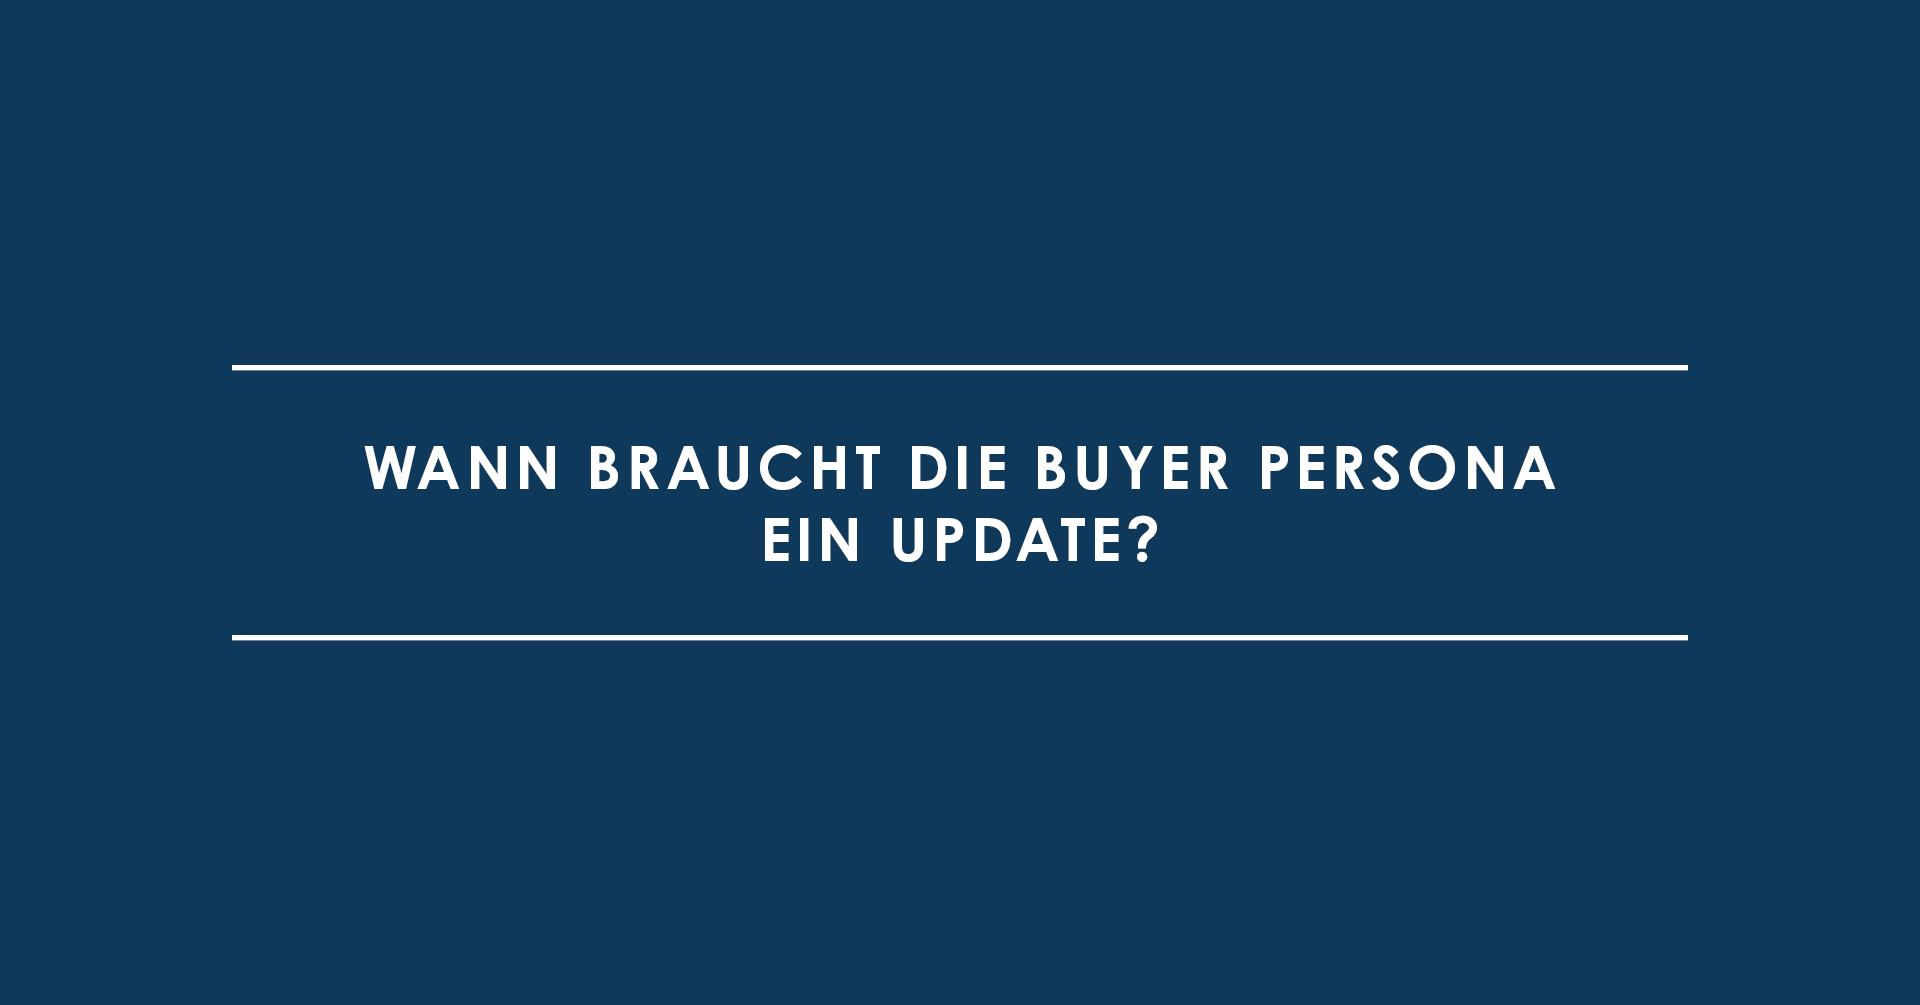 Kluges Inbound-Marketing: Wann braucht die Buyer Persona ein Update?